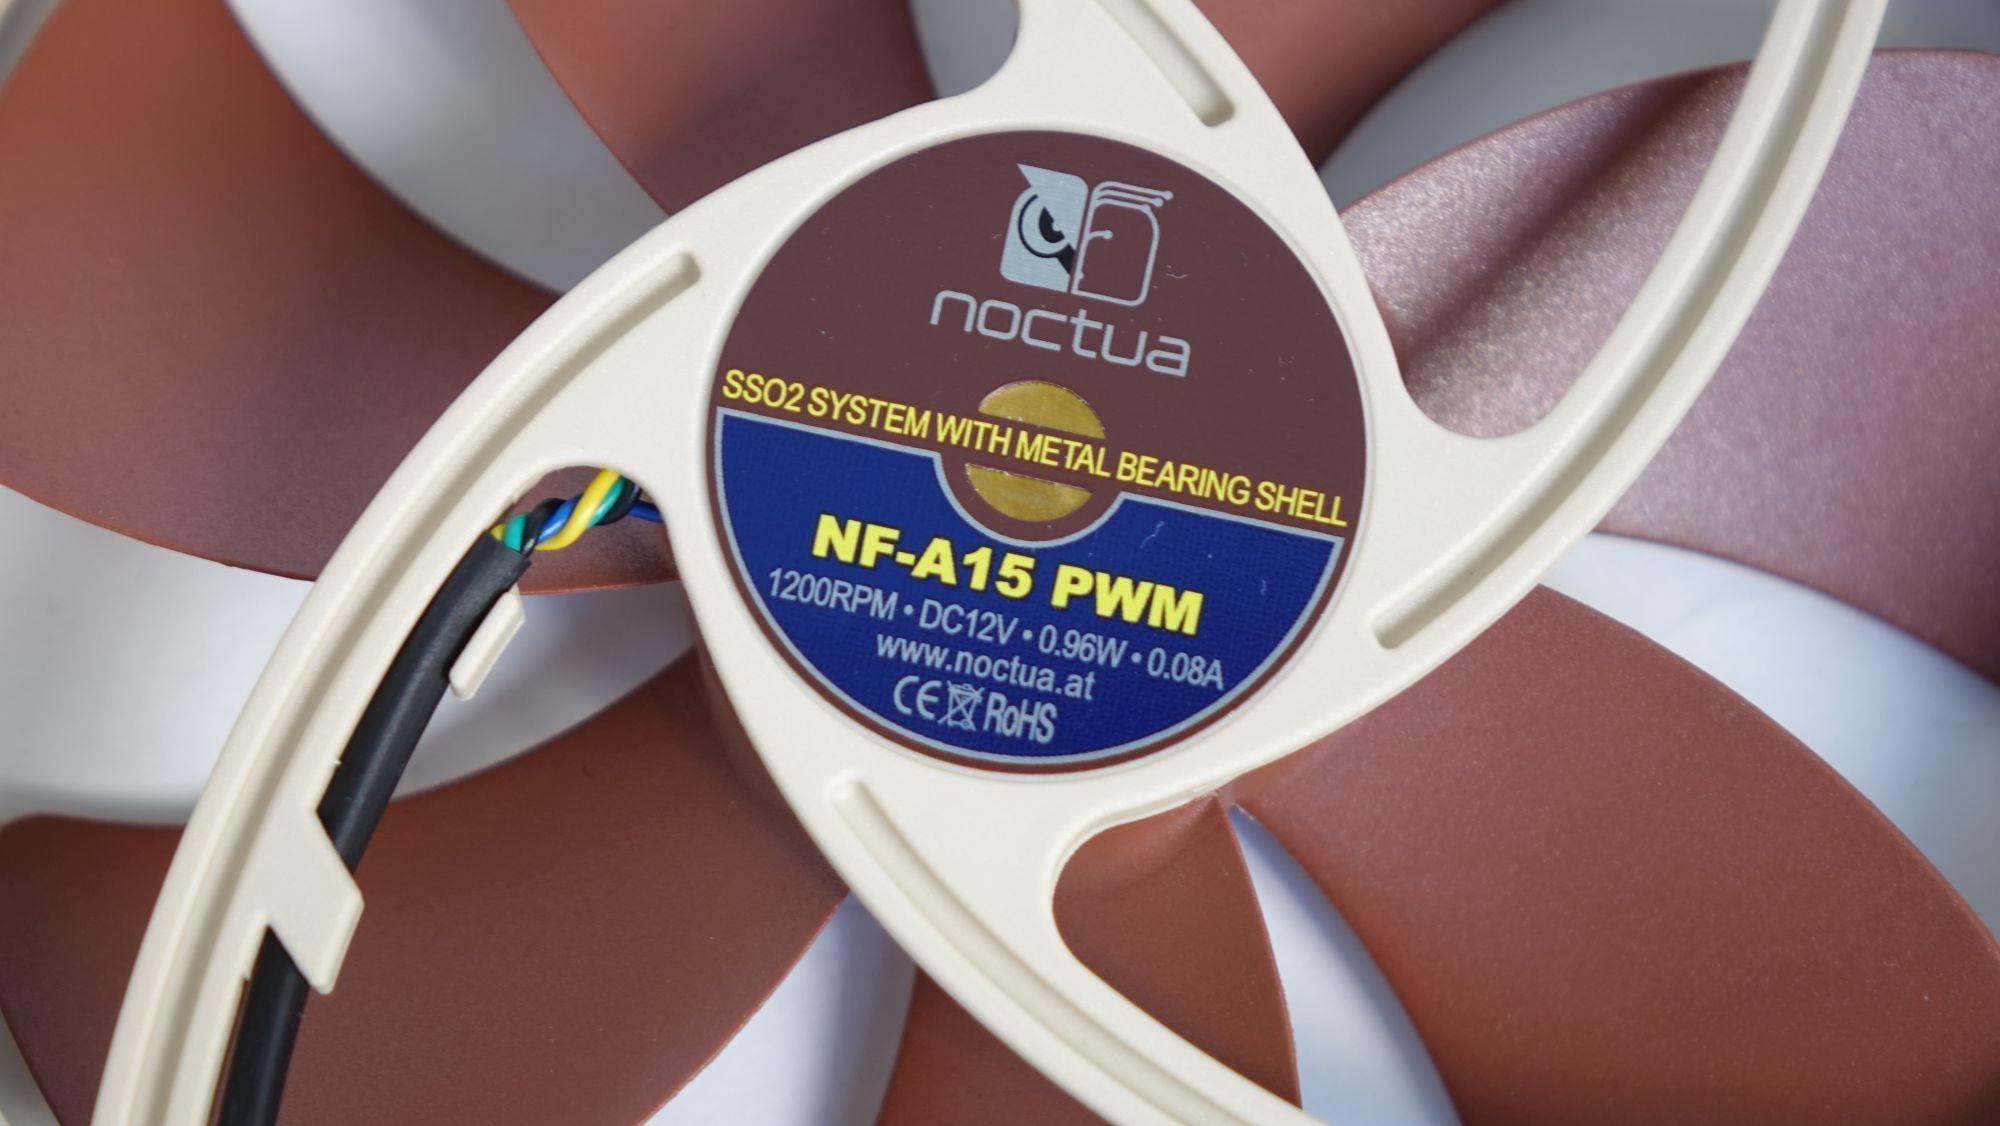 Noctua NF-A15 PWM